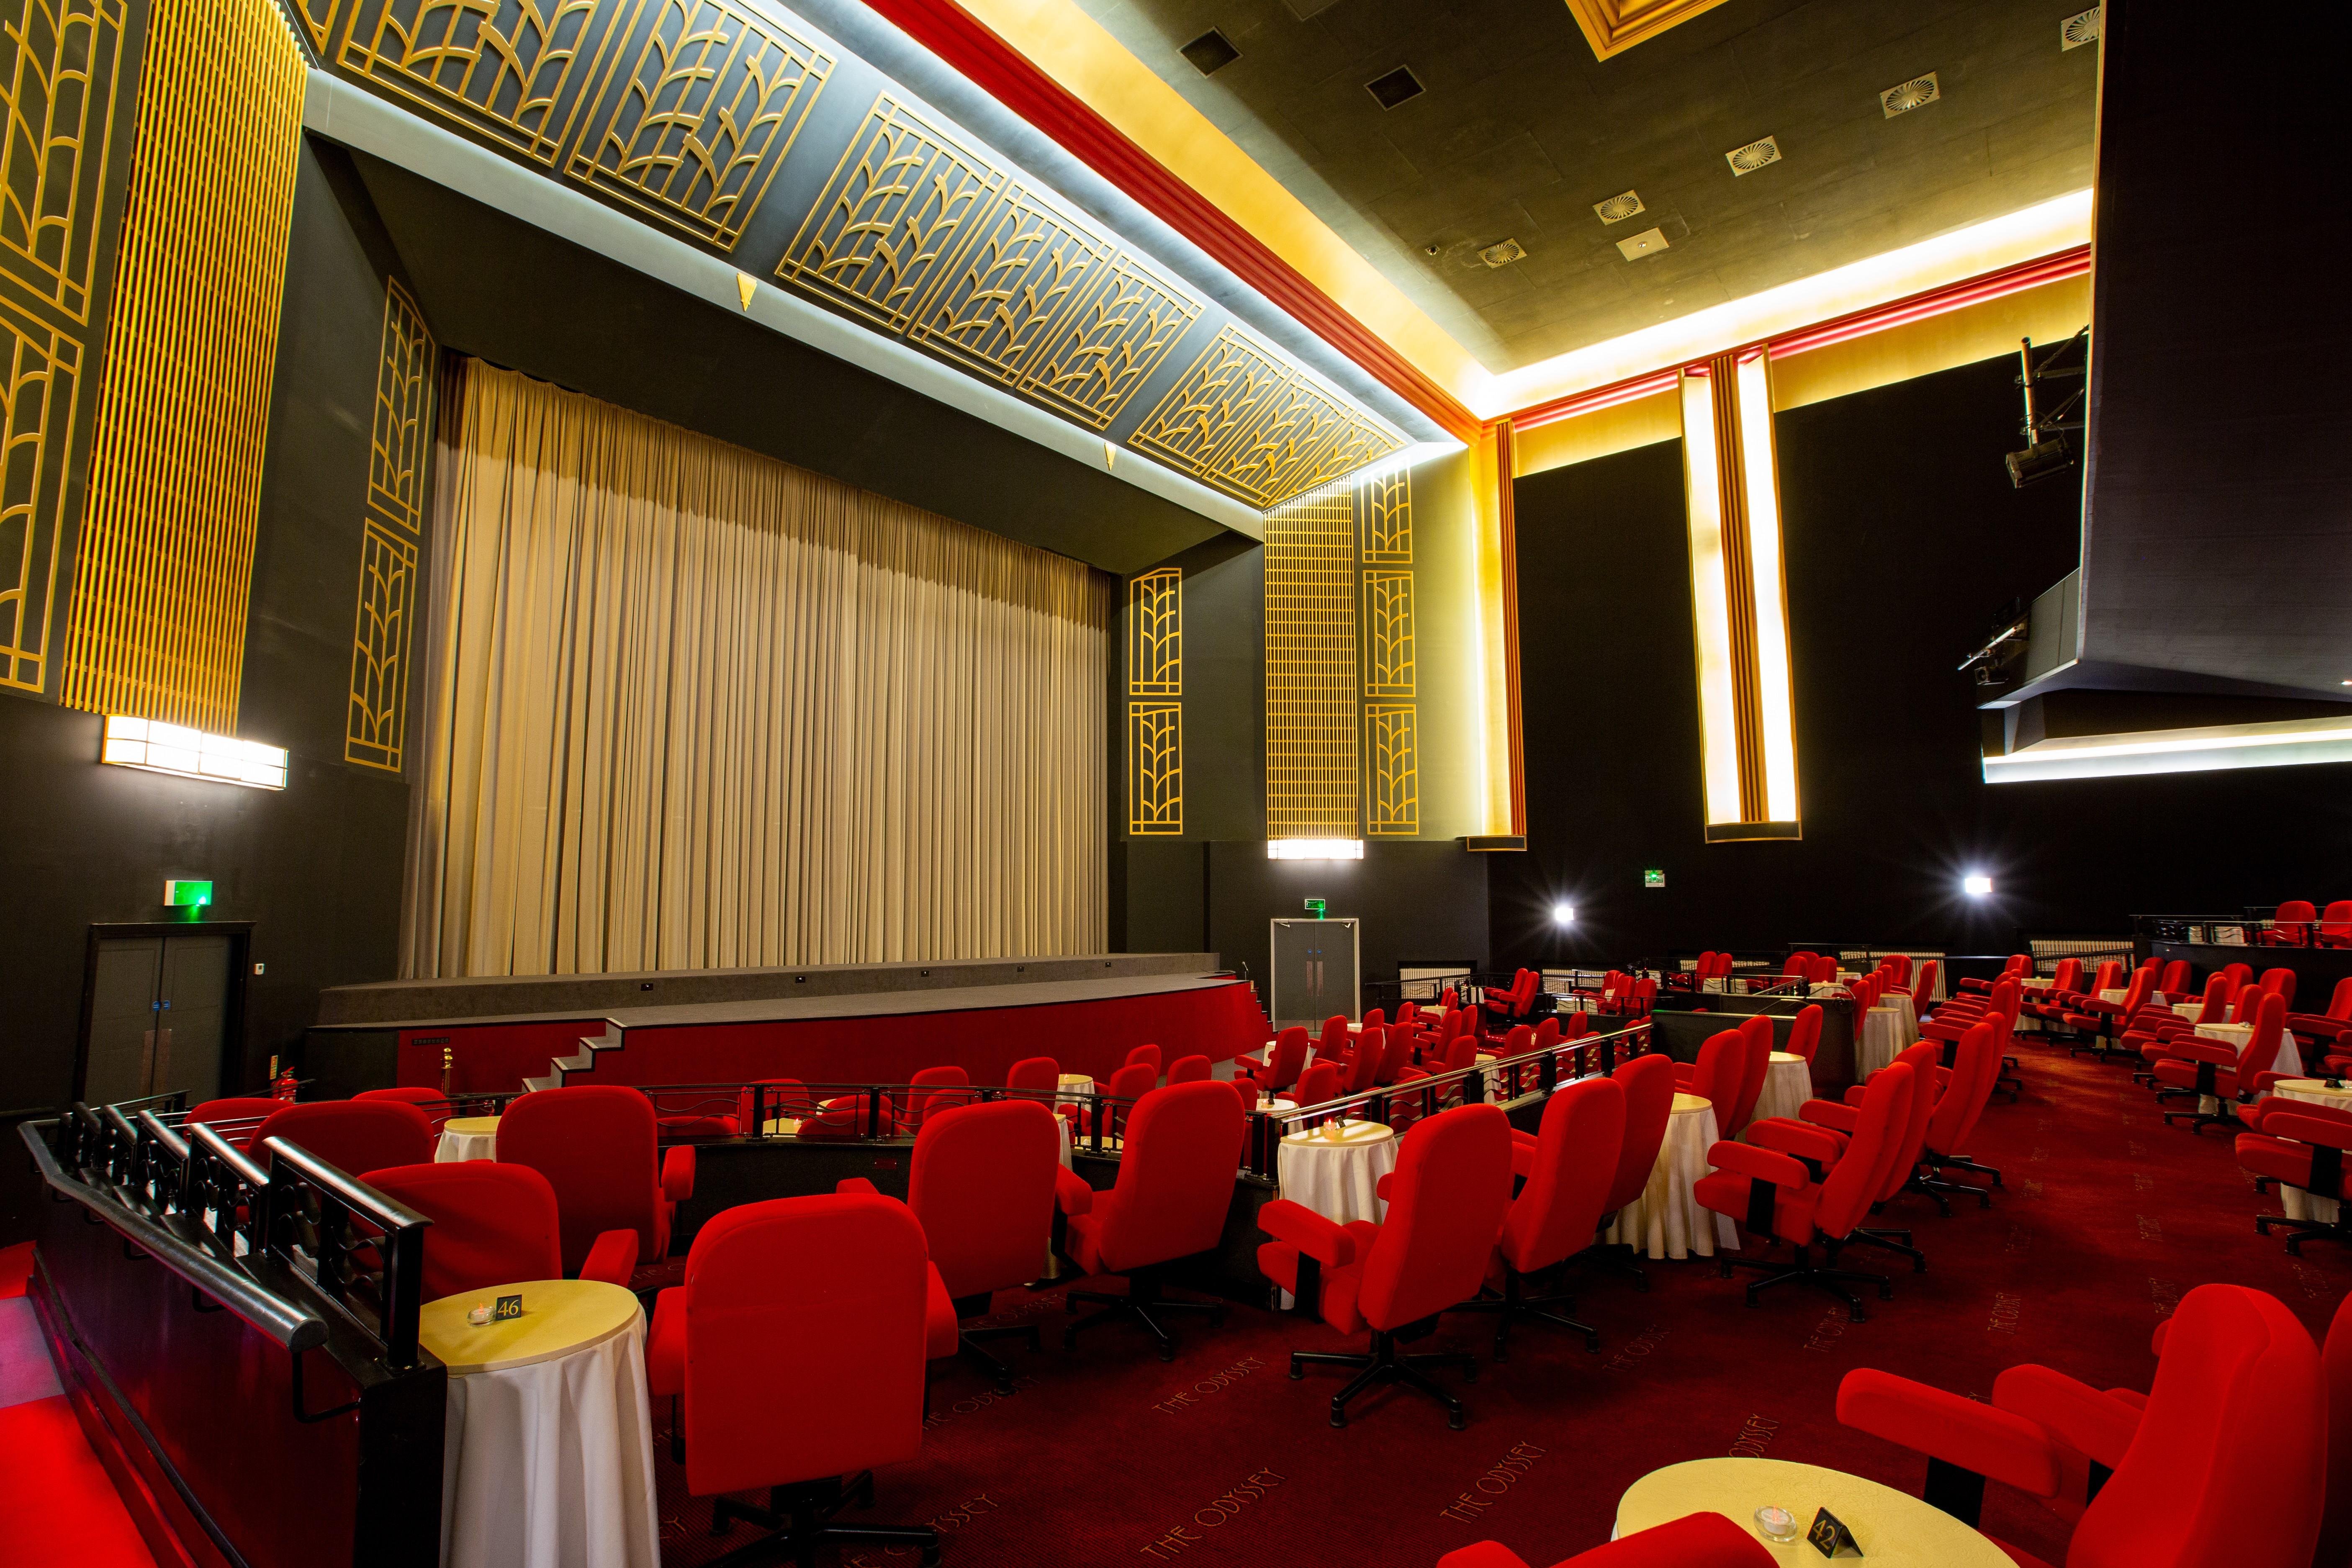 Auditorium Downstairs